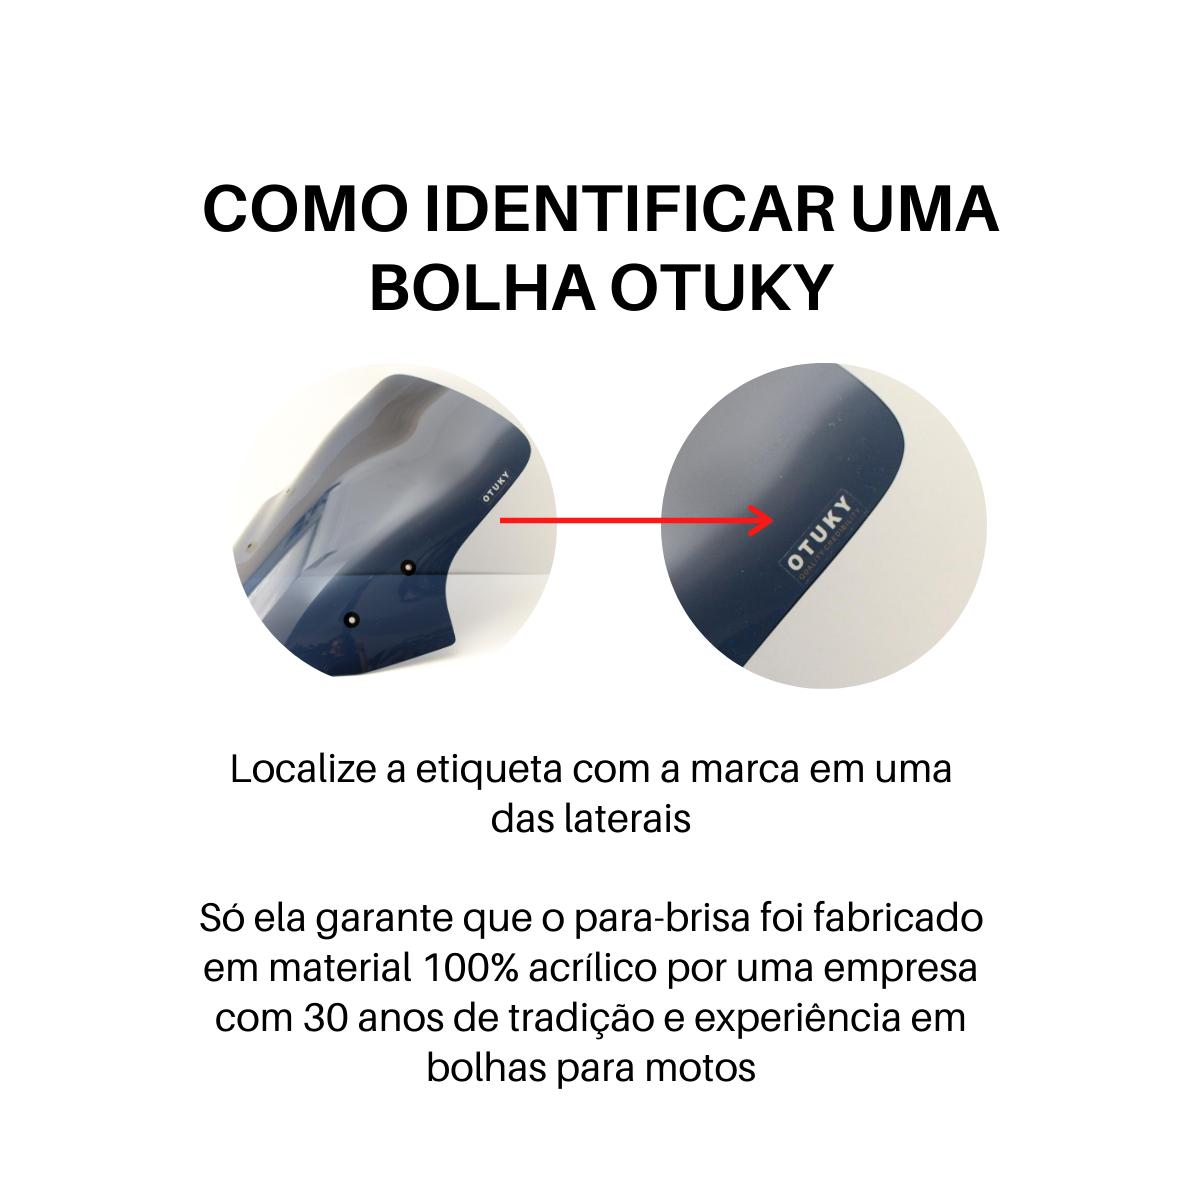 Bolha para Moto XT 660 R 2005 2006 2007 2008 2009 2010 2011 2012 2013 2014 2015 2016 2017 2018 Padrão Azul-Claro